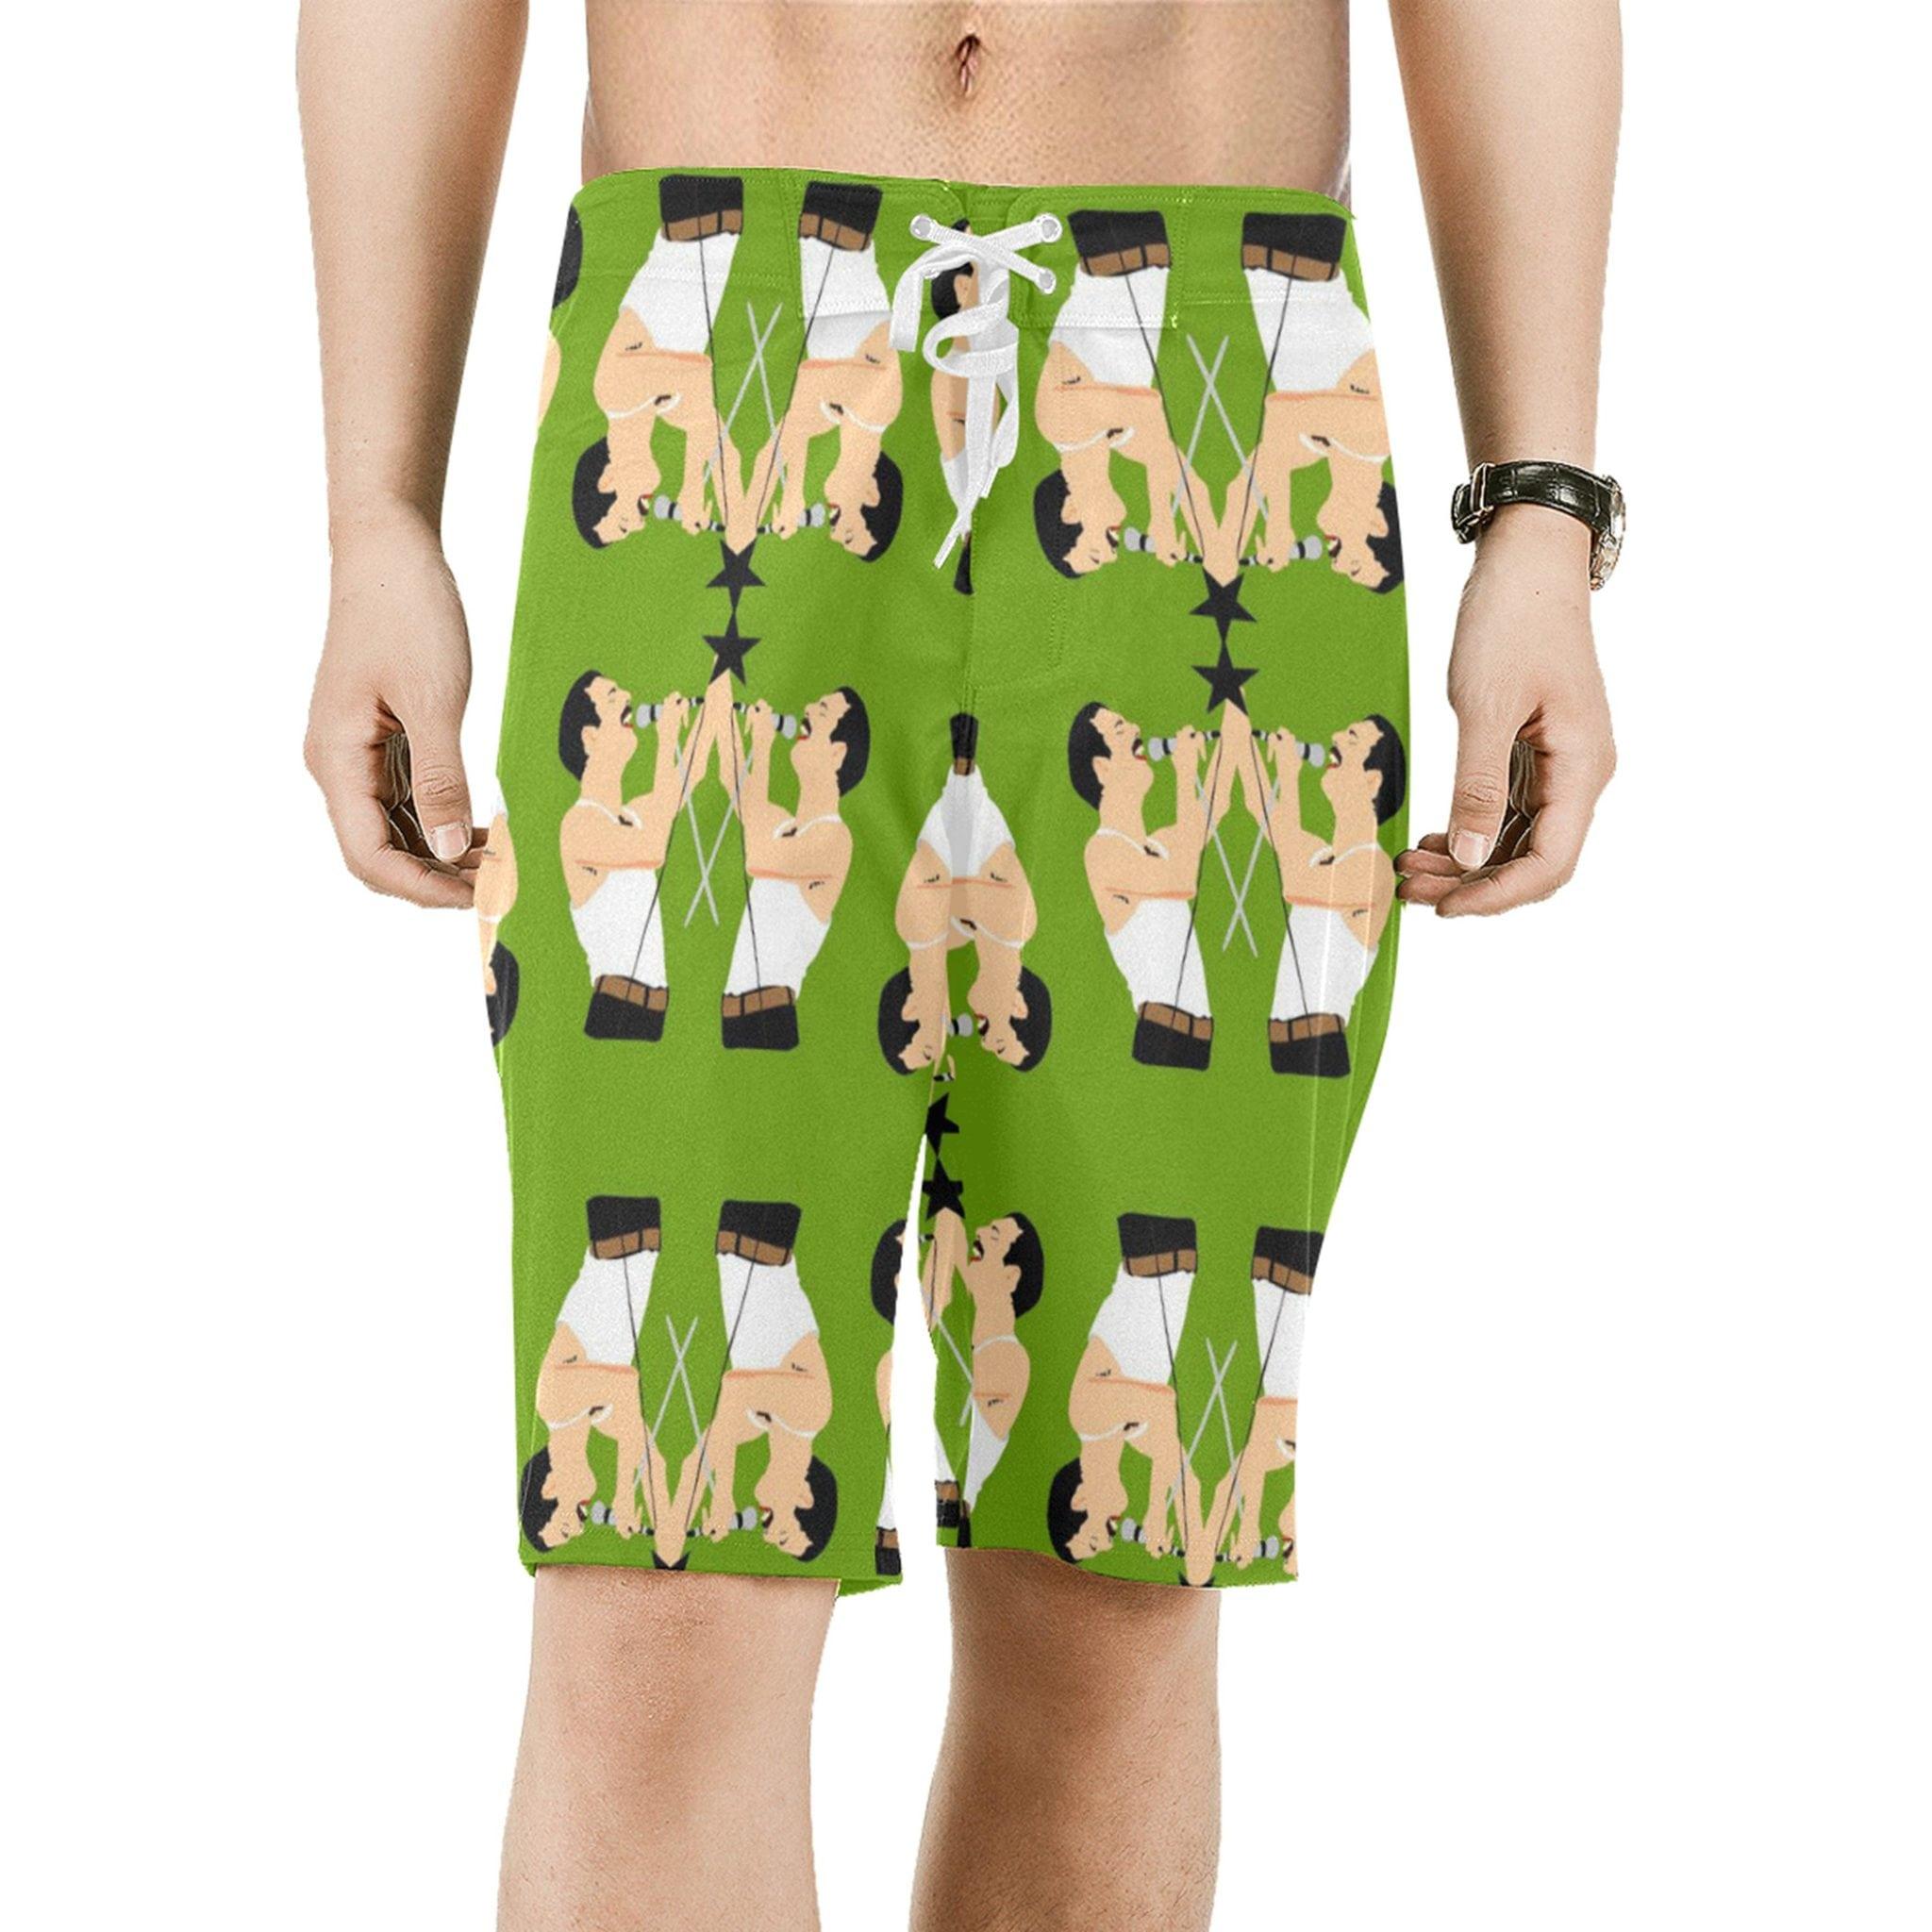 5a691fff8c609 men's swim trunks by Kayci Garline Wheatley